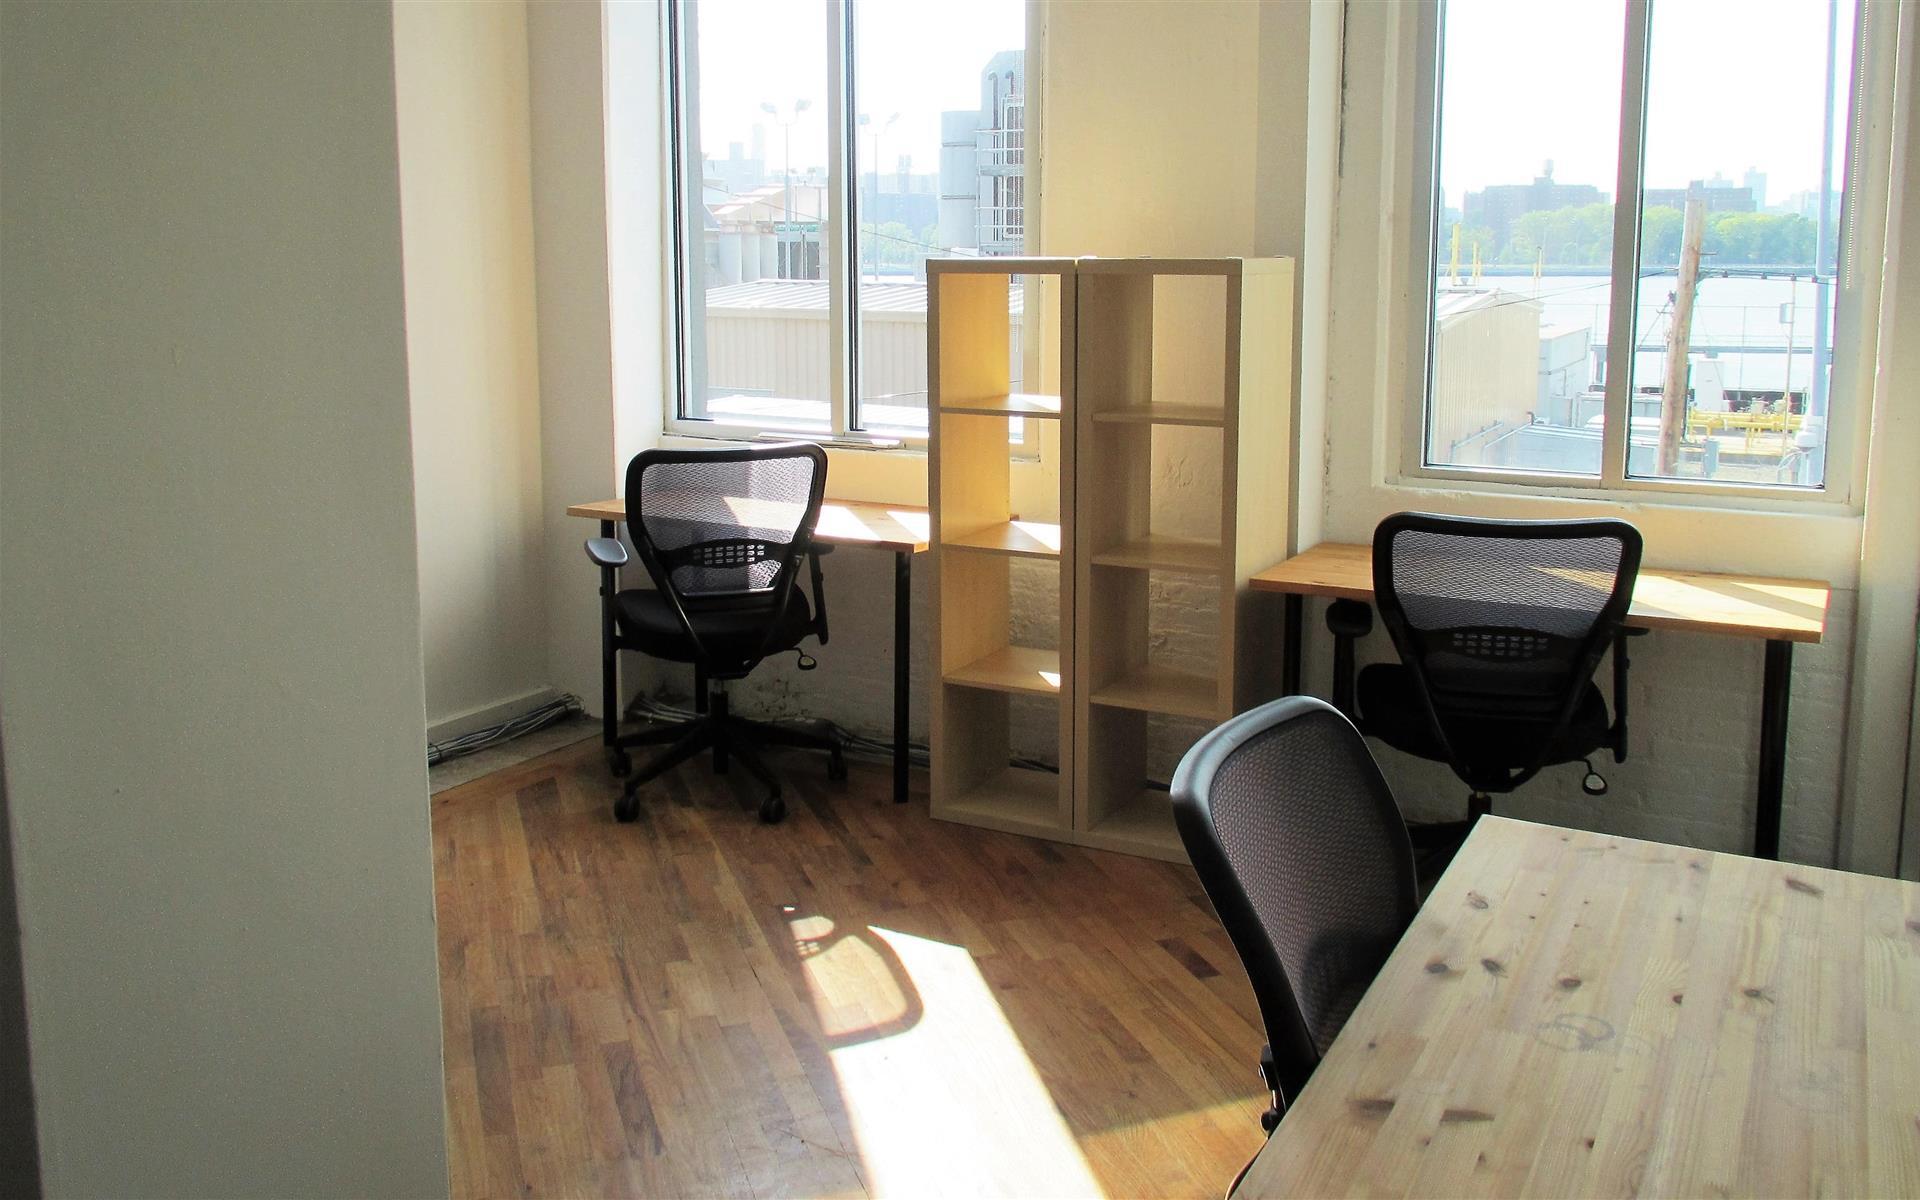 Green Desk - 240 Kent Ave - Fully Furnished 4 Desk Office